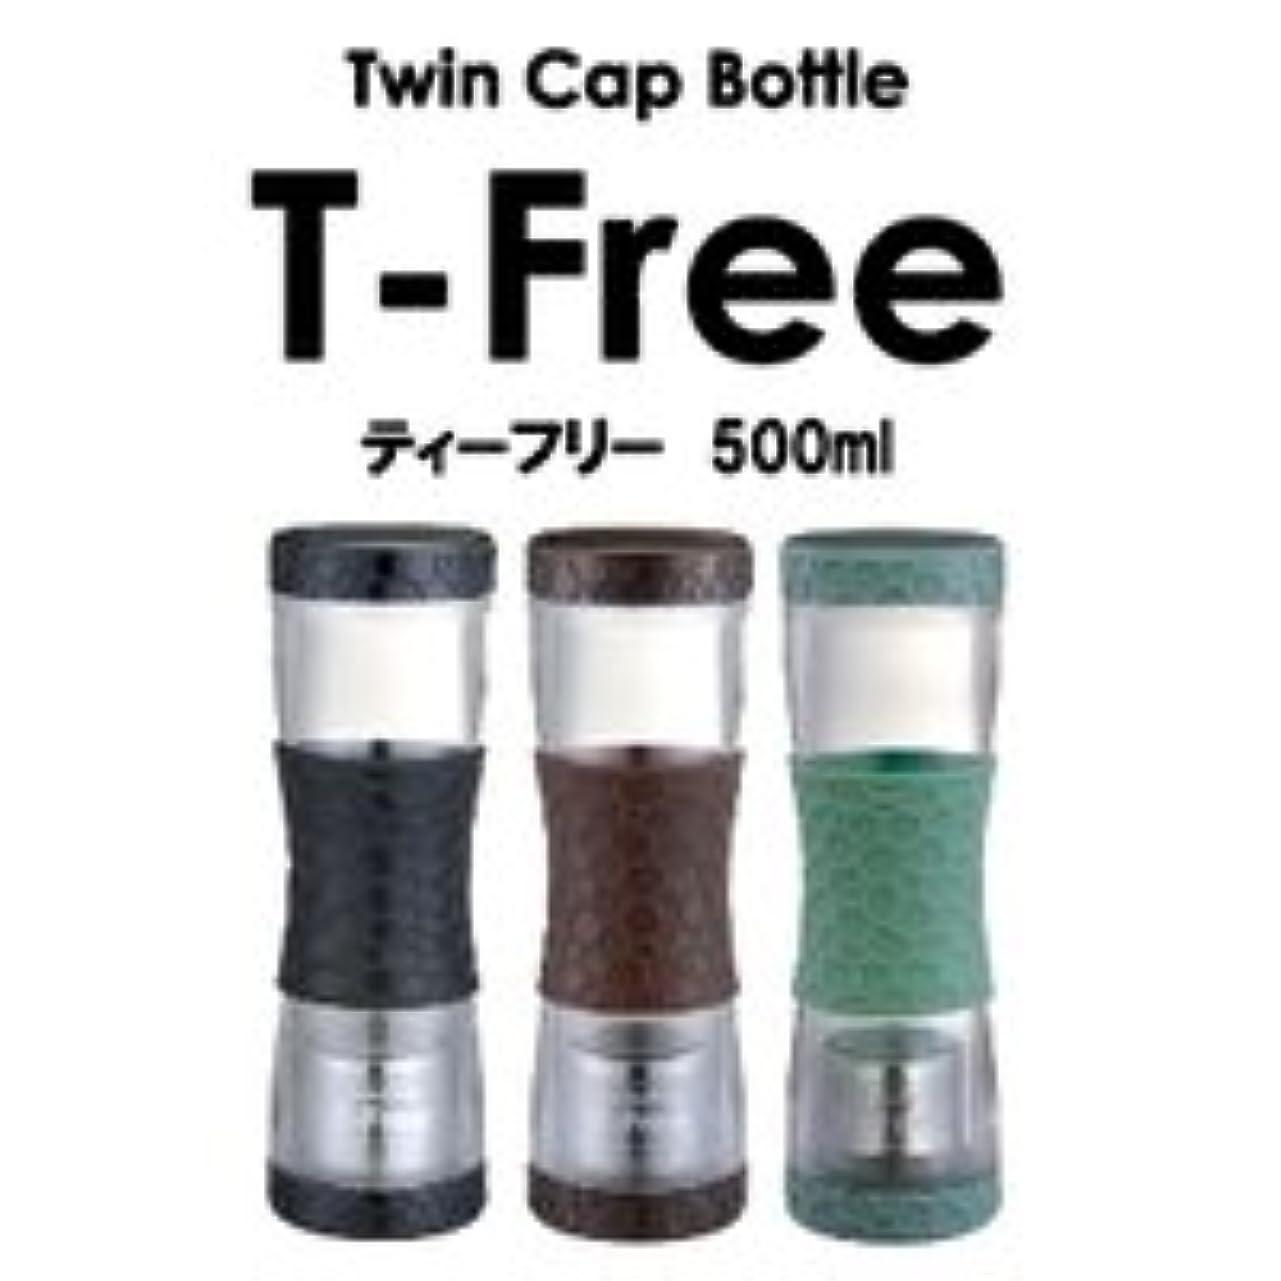 証拠強大なストロークティーフリー500ml T-Free (カラー:グリーン) ※使い方自由なツインキャップボトル